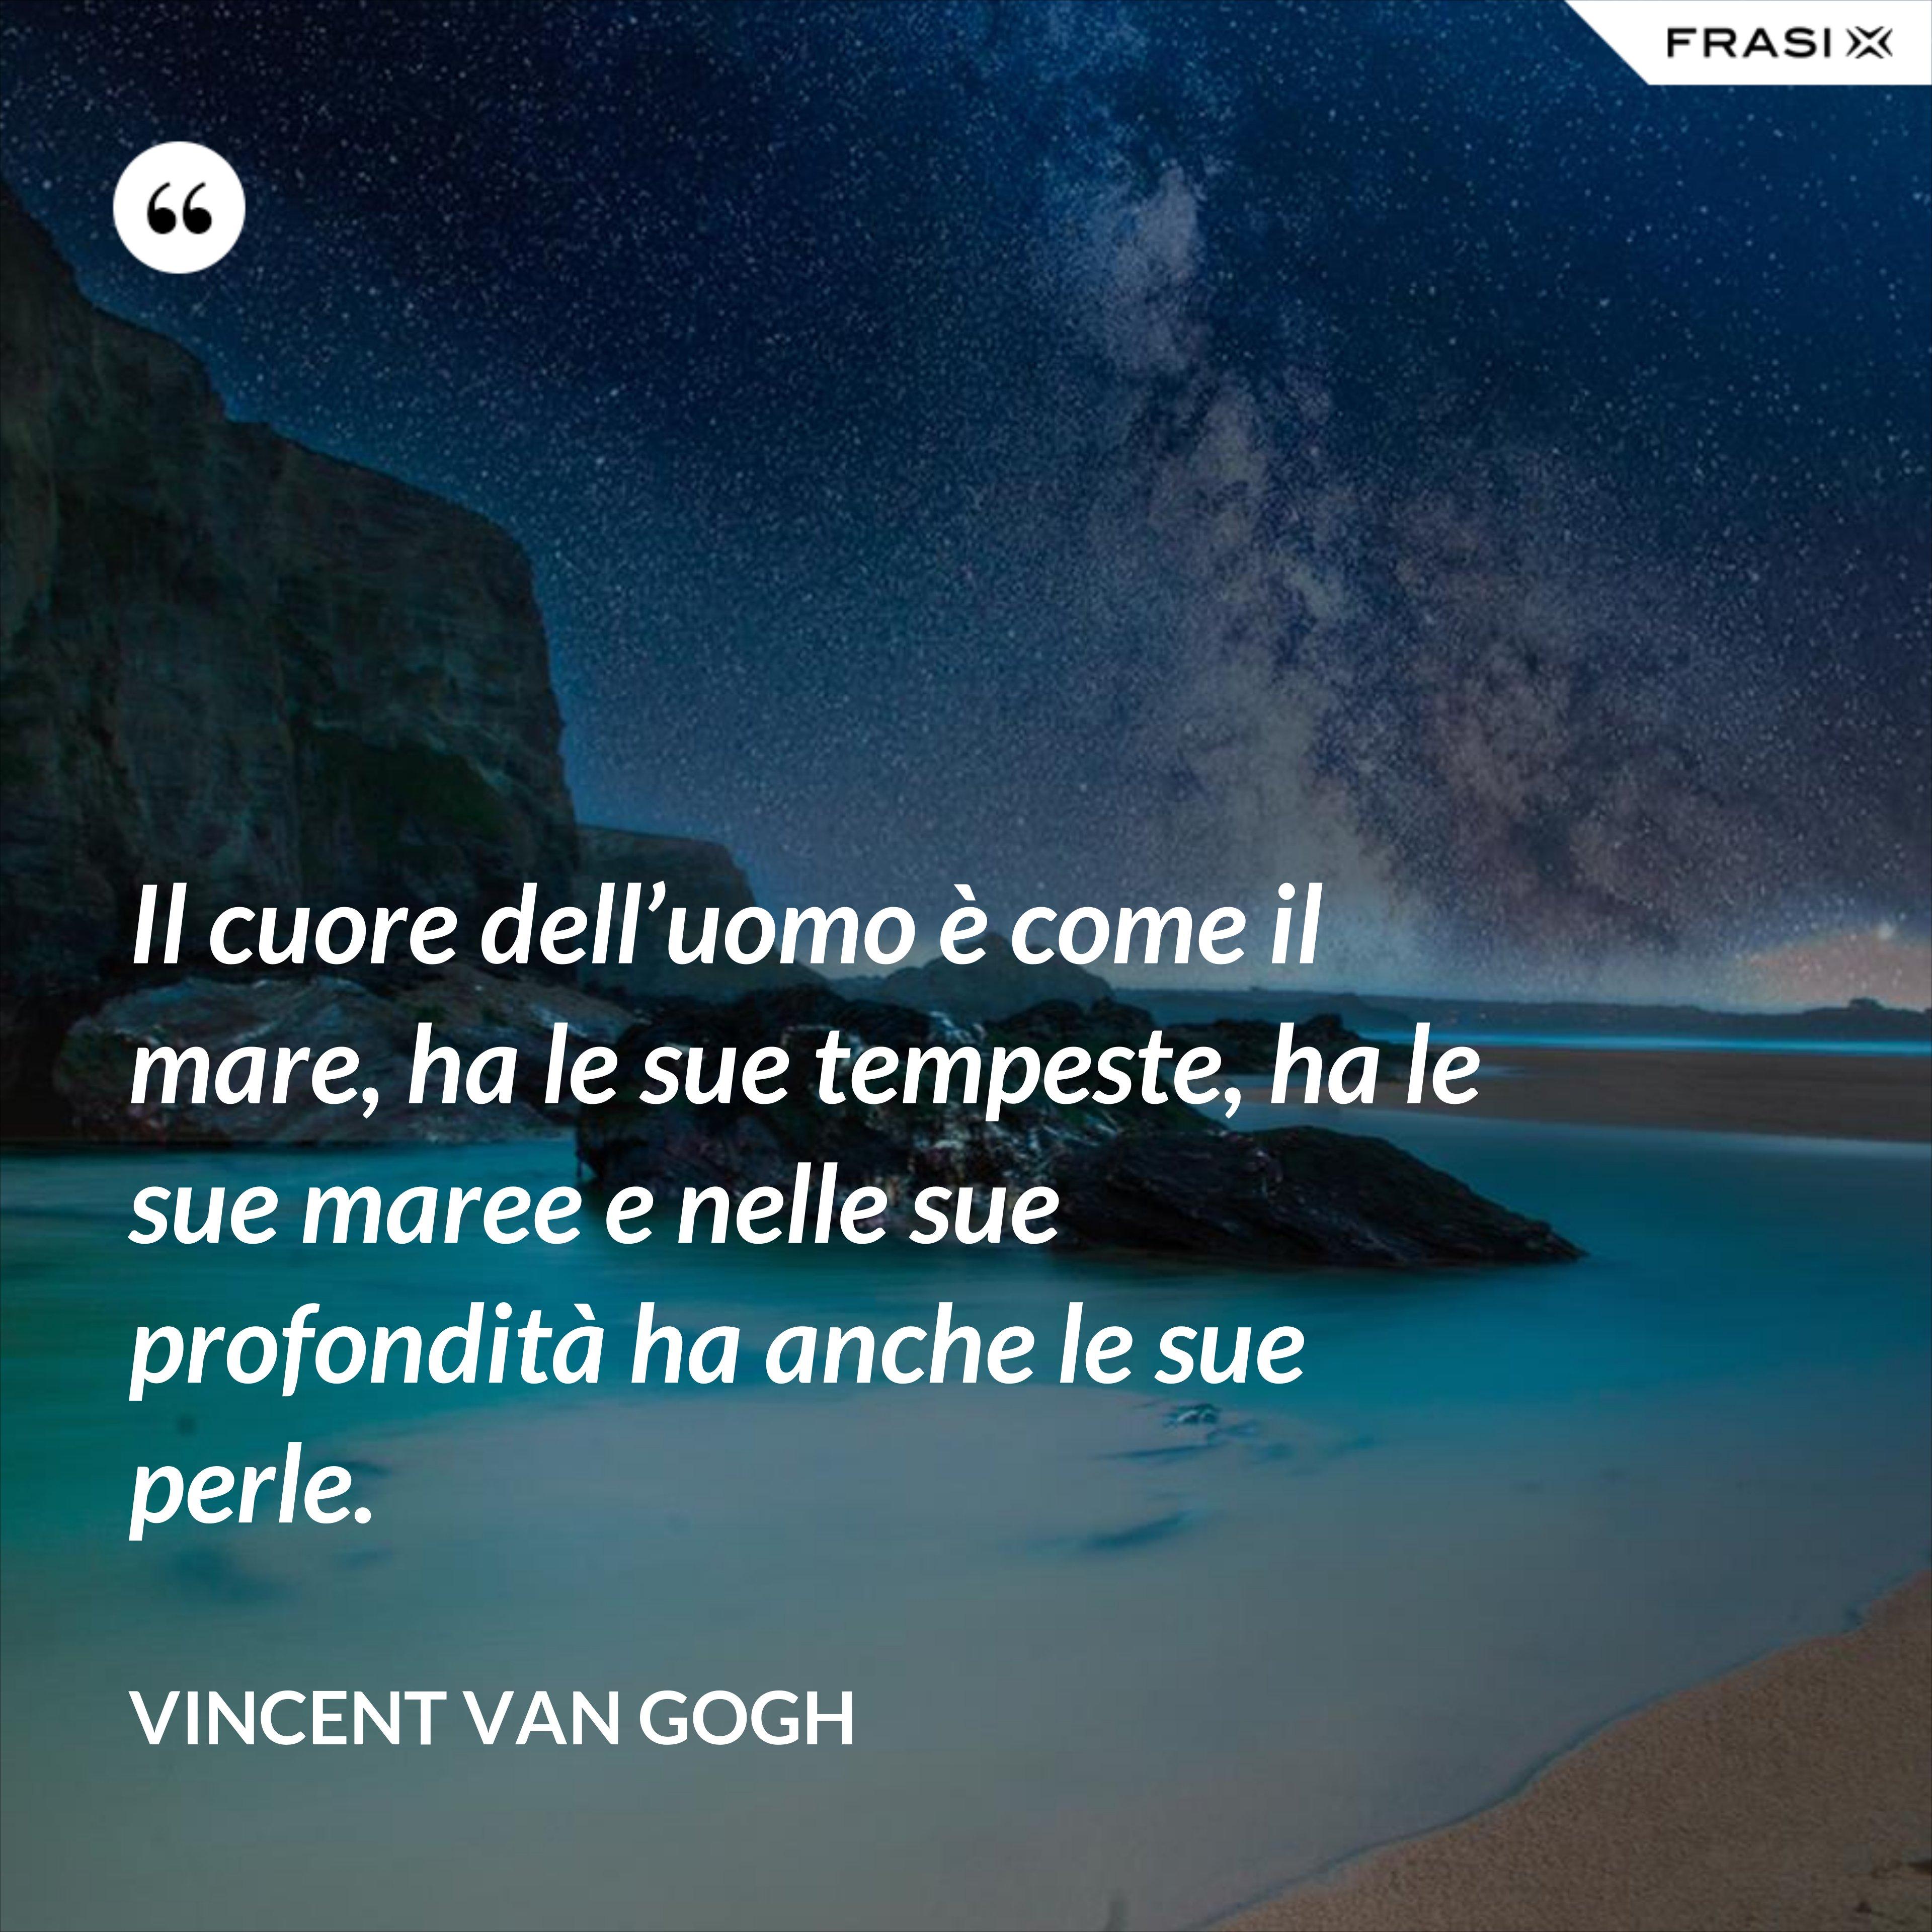 Il cuore dell'uomo è come il mare, ha le sue tempeste, ha le sue maree e nelle sue profondità ha anche le sue perle. - Vincent Van Gogh